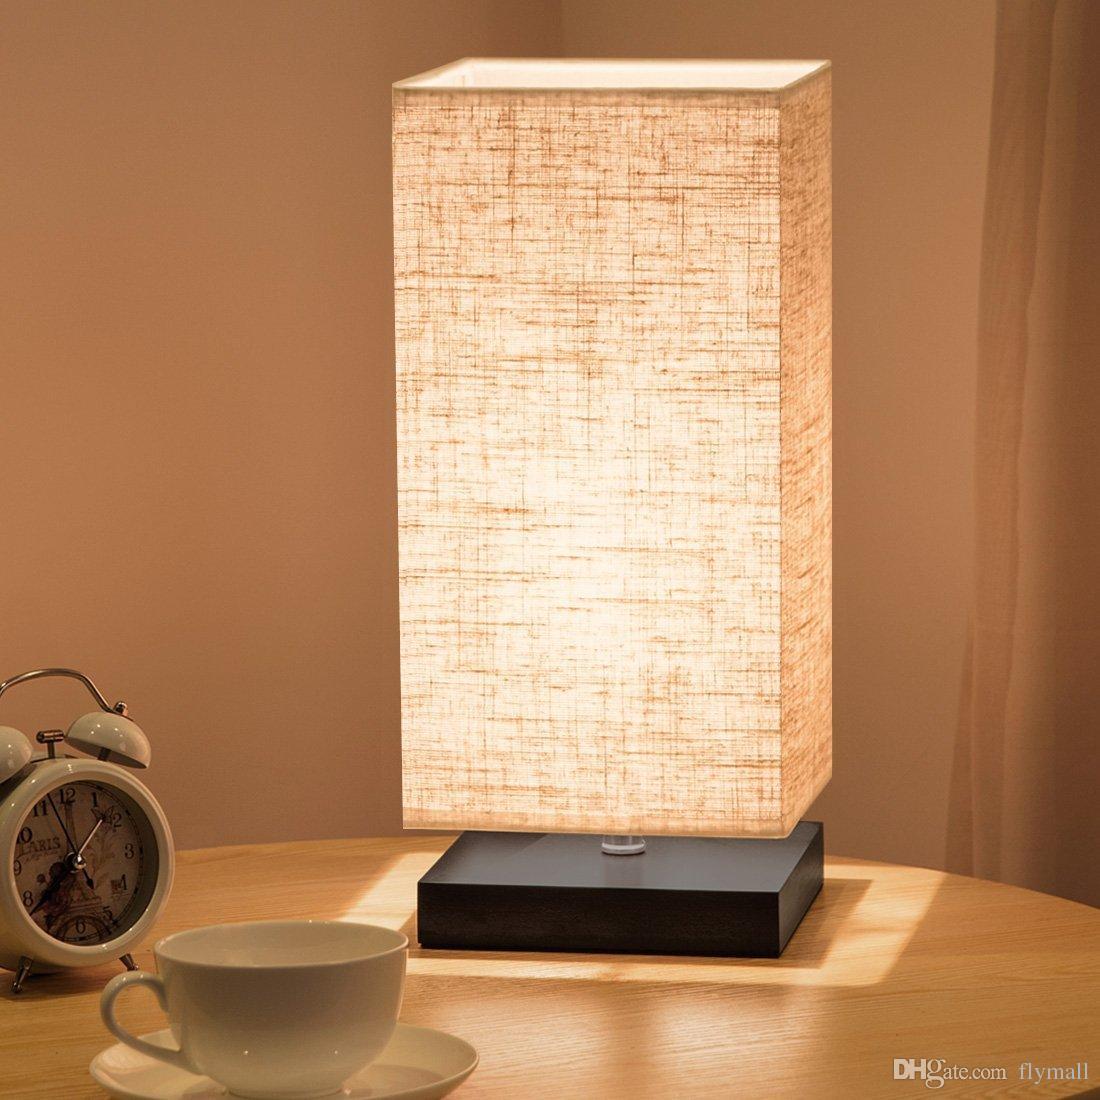 Schreibtisch Licht Farbe Licht Led Schreibtisch Lesen Lichter Led Tisch Lampen Für Home Office Mit Wireless Drücken Steuer Flexi Licht & Beleuchtung Led Schreibtisch Lampe